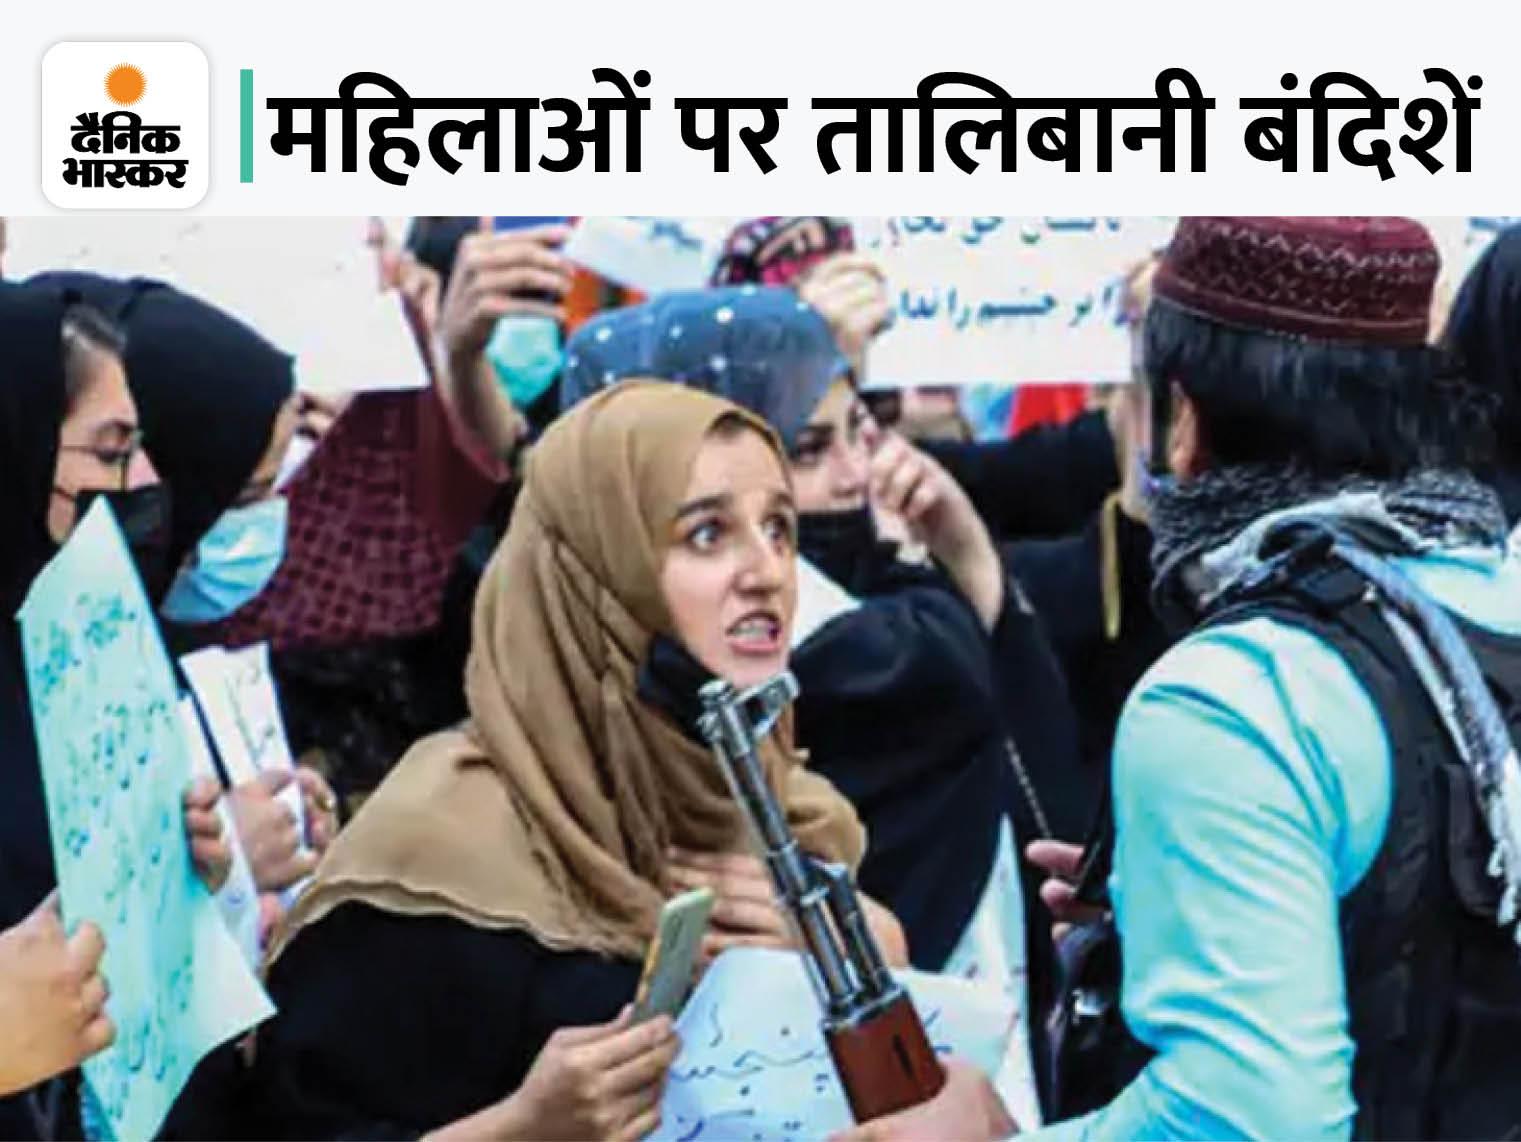 फोटो काबुल की है, जहां प्रदर्शनकारी महिलाएं बंदूकधारी तालिबानियों से डरने की बजाय उनसे भिड़ गईं।